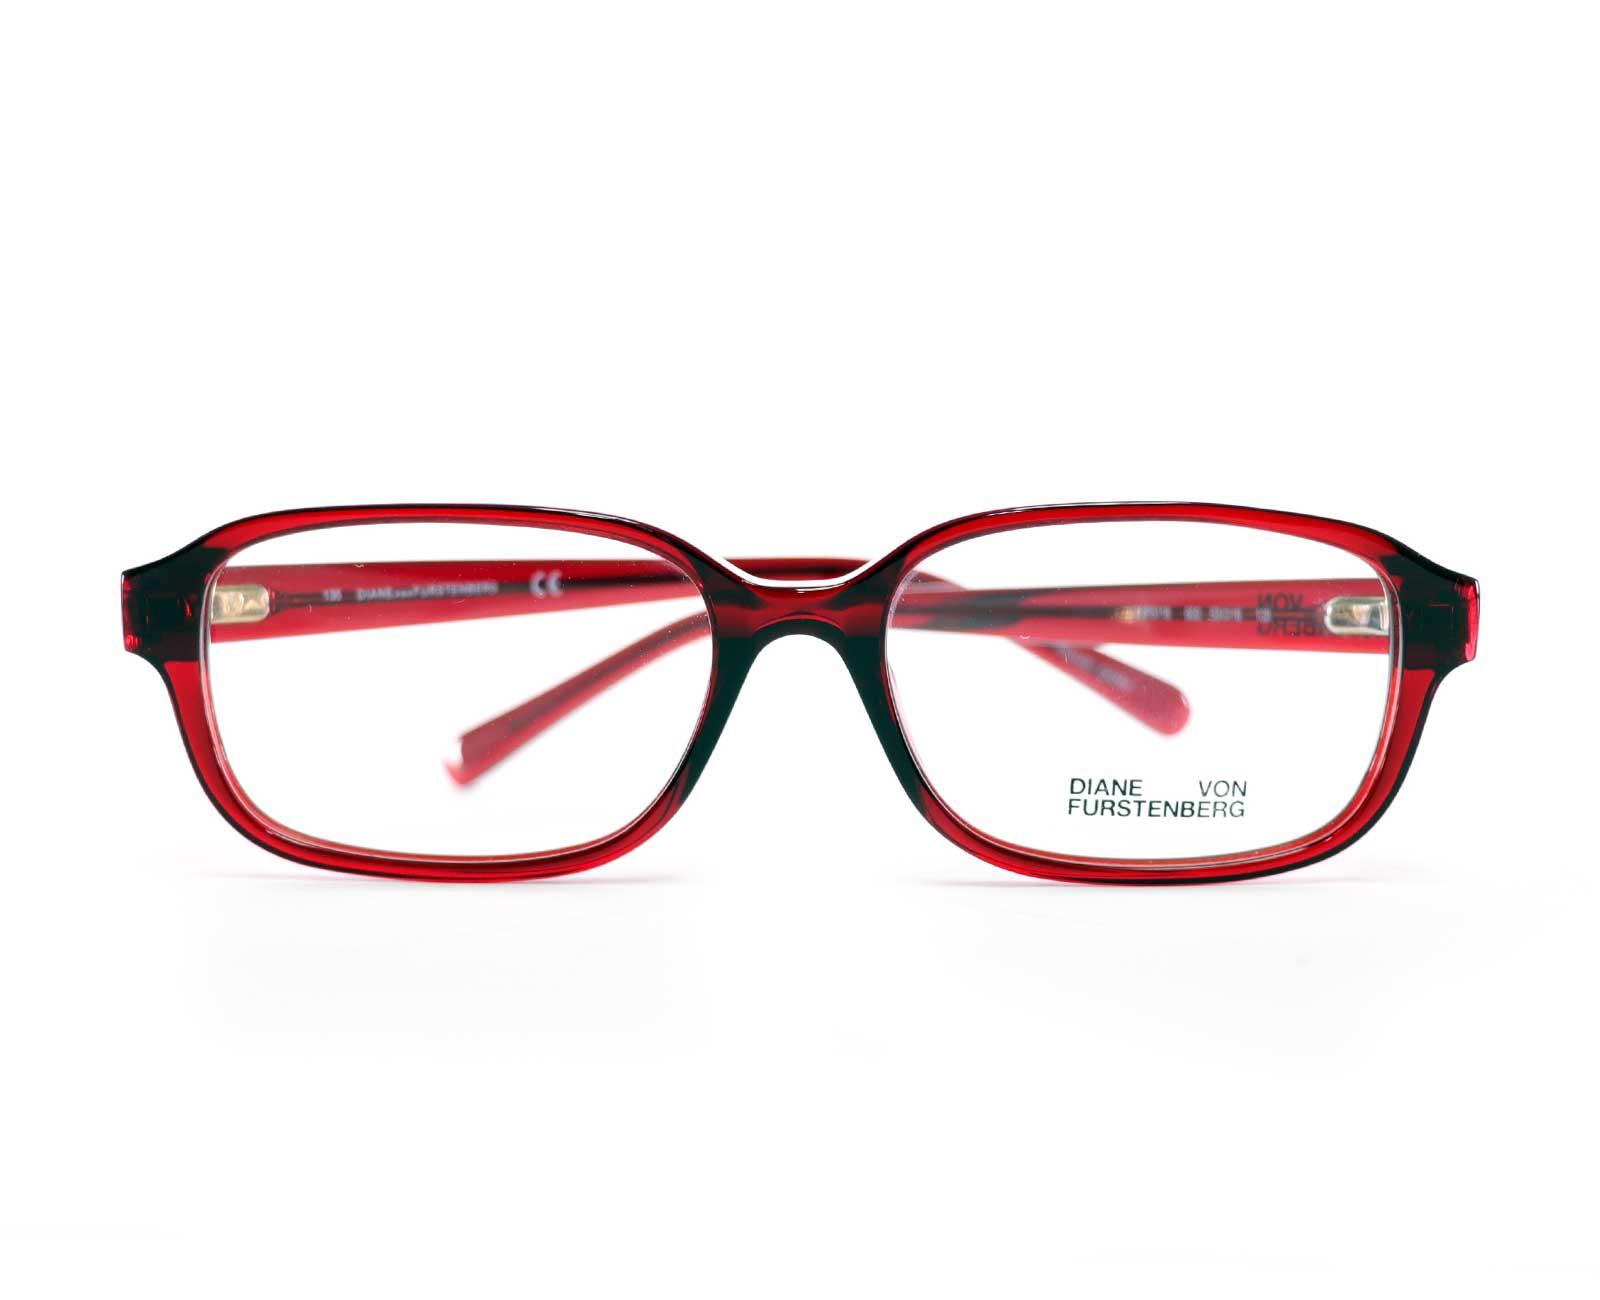 Diane Von Furstenberg DVF5118 in Red Crystal